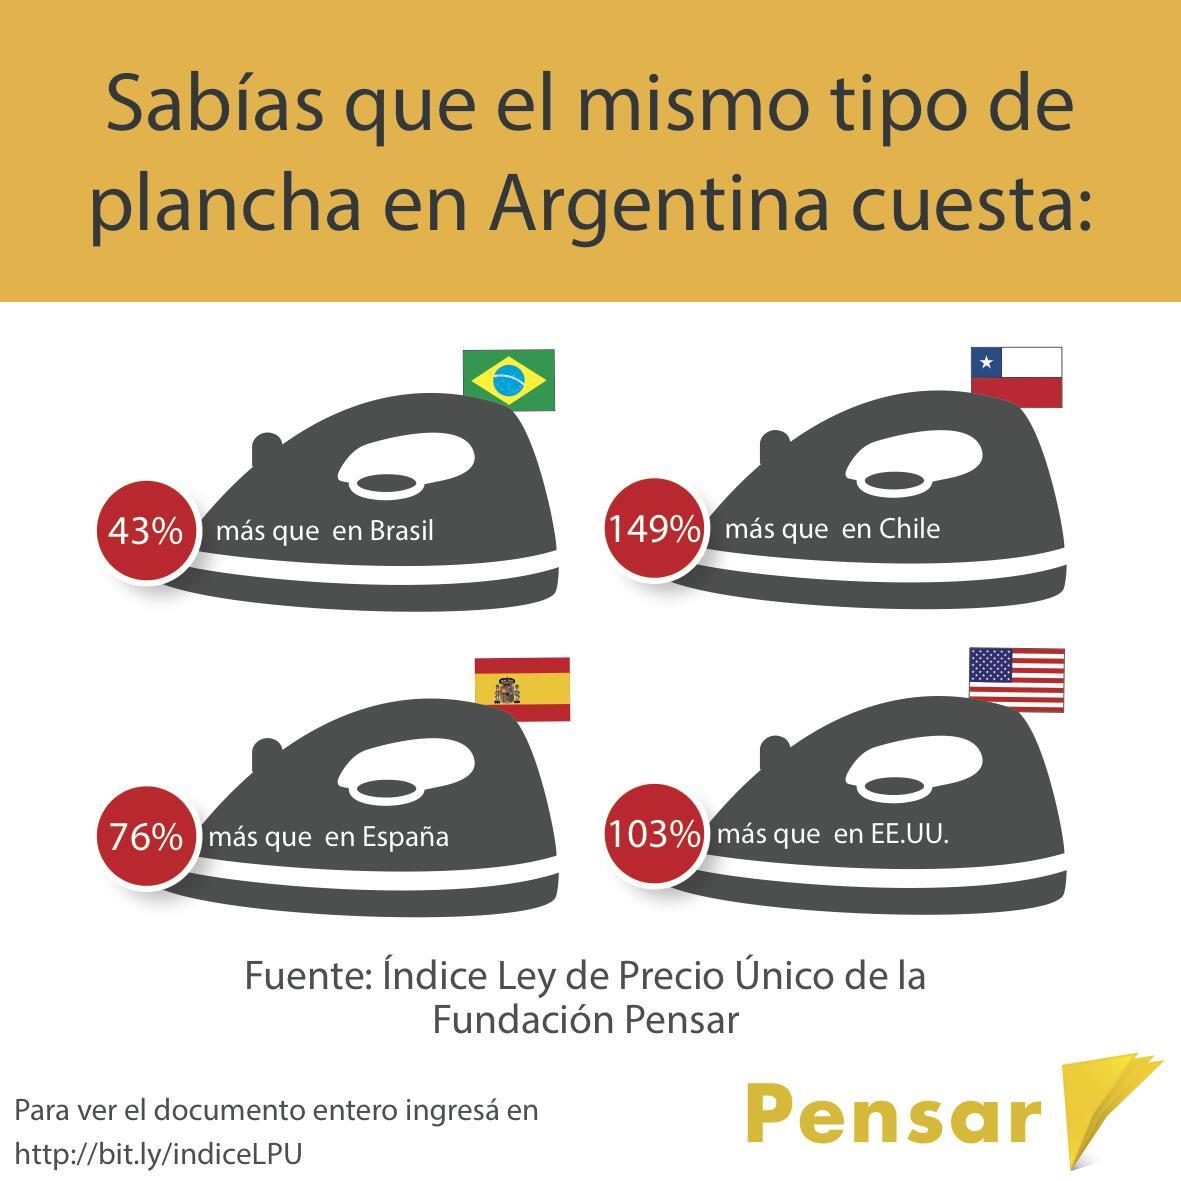 Diferencia de precios entre argentina y otros paises